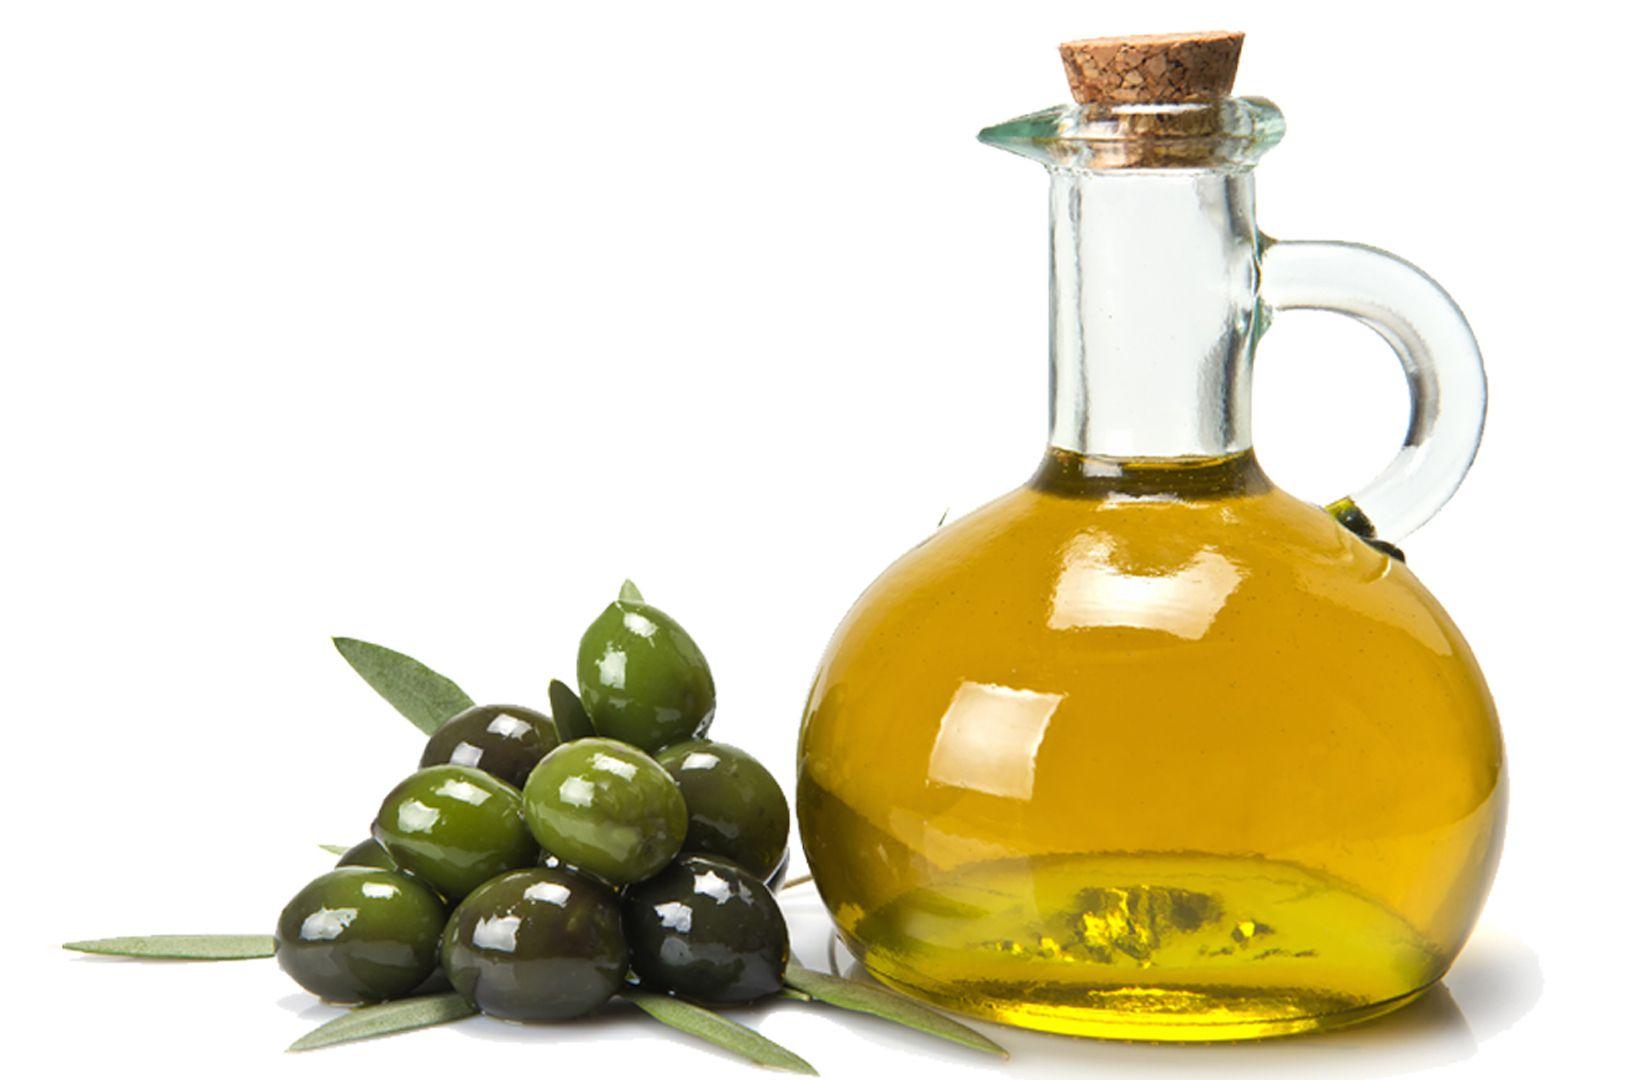 La producción de oliva también se destaca en la región de Cuyo